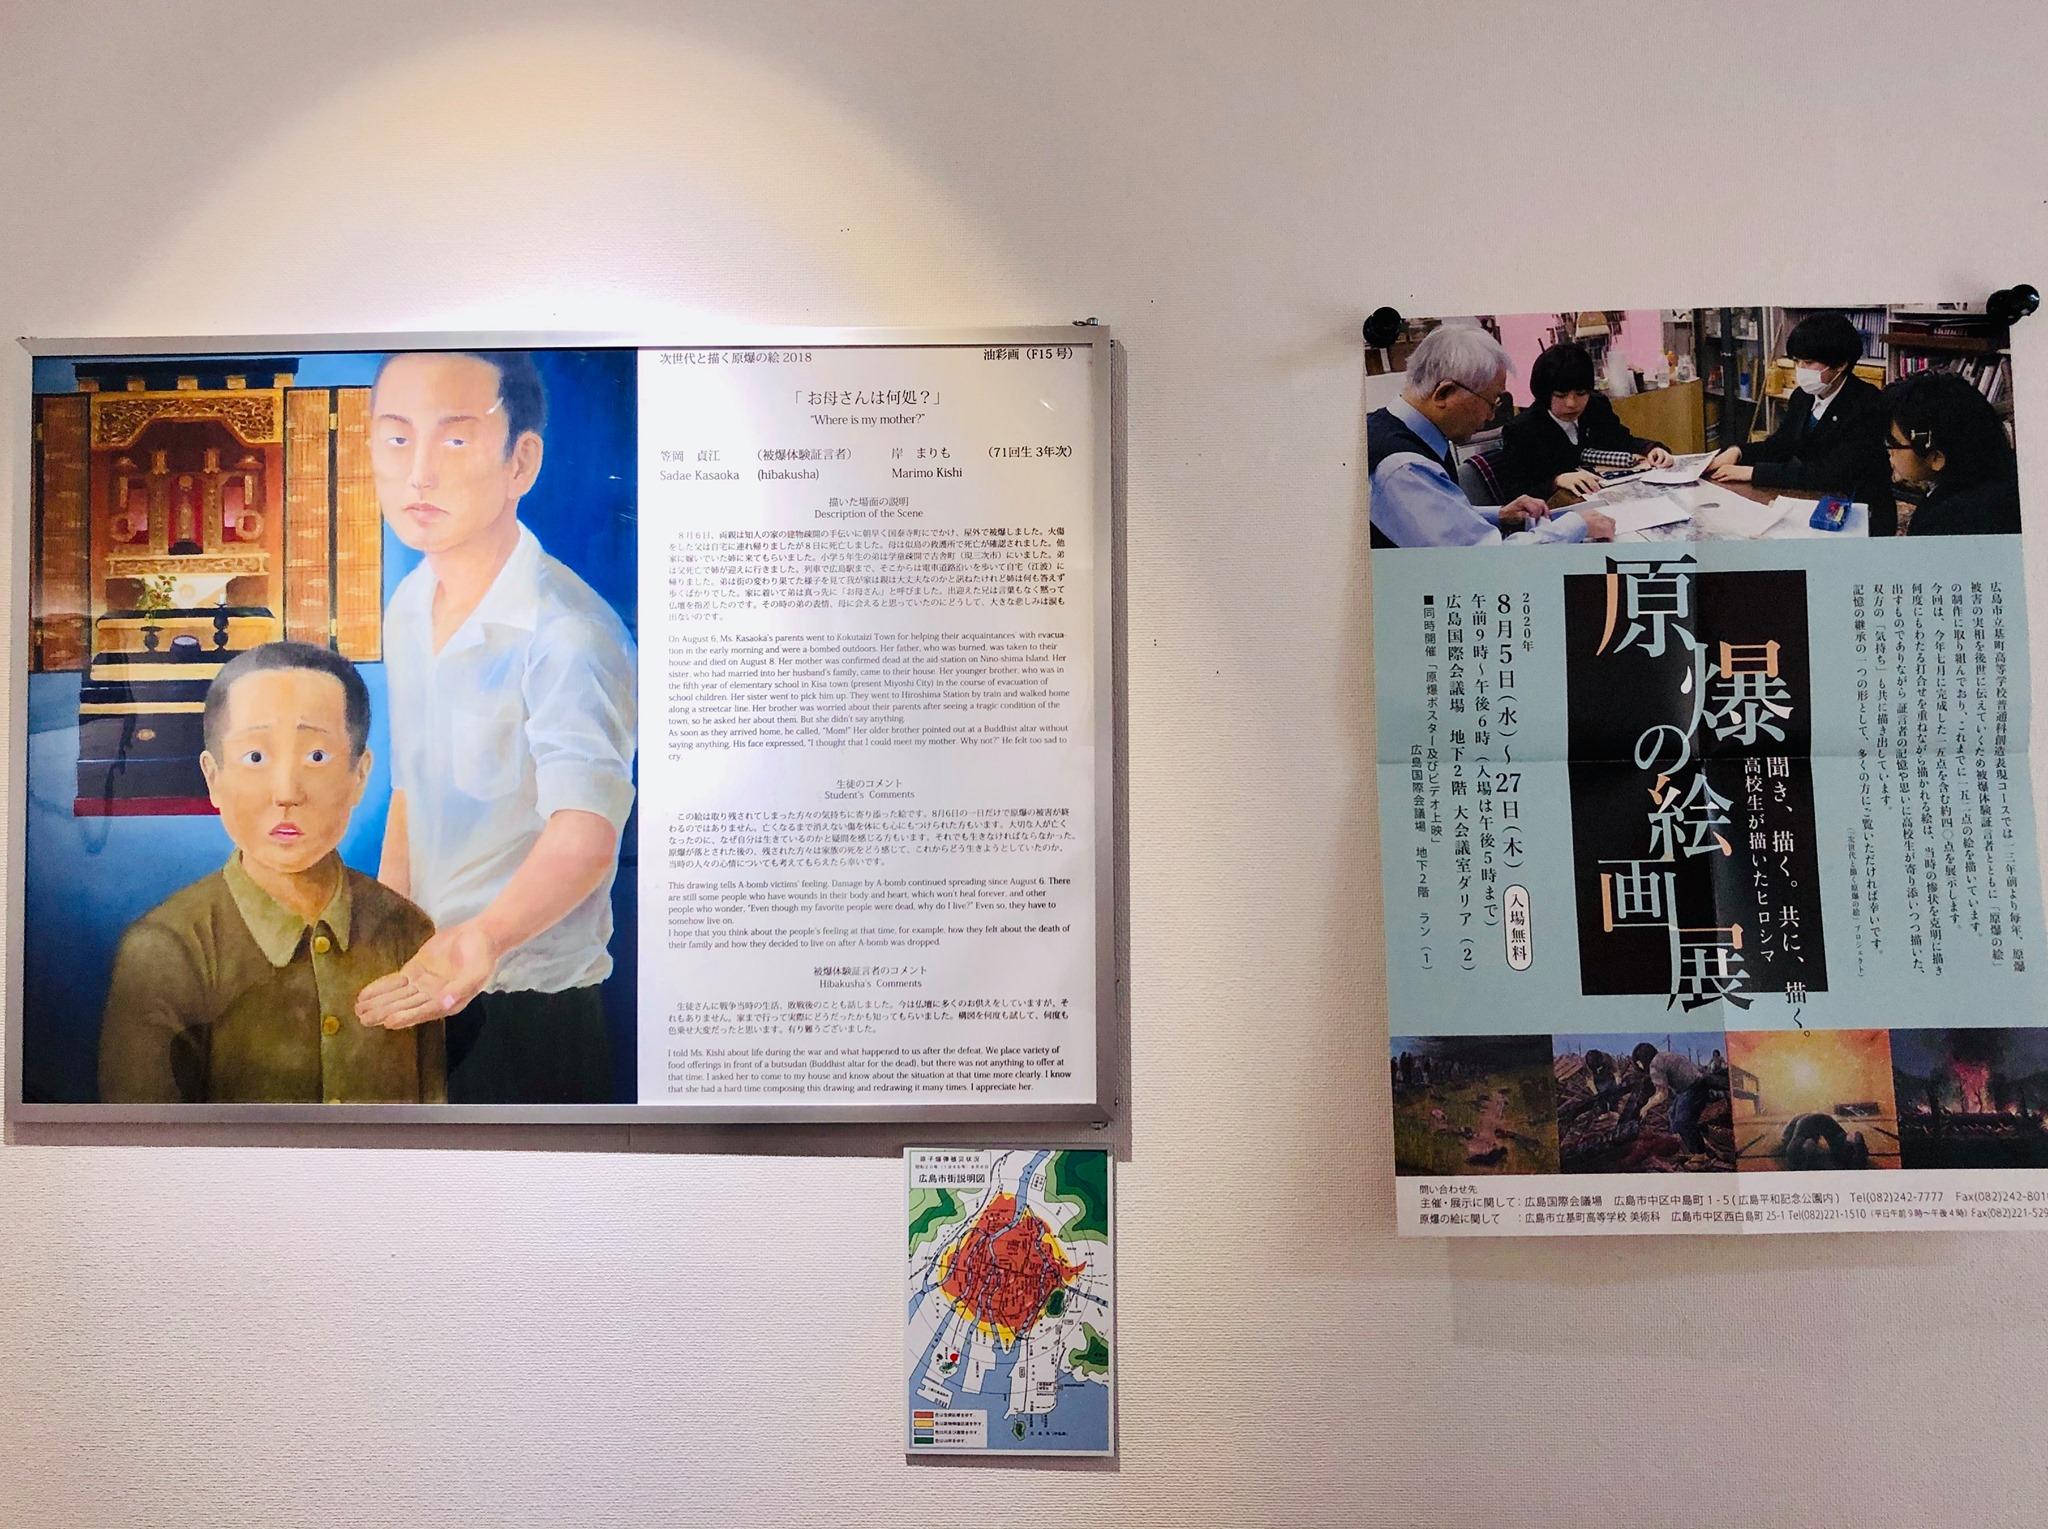 「原爆の絵」展 in 銀座を訪問しました。